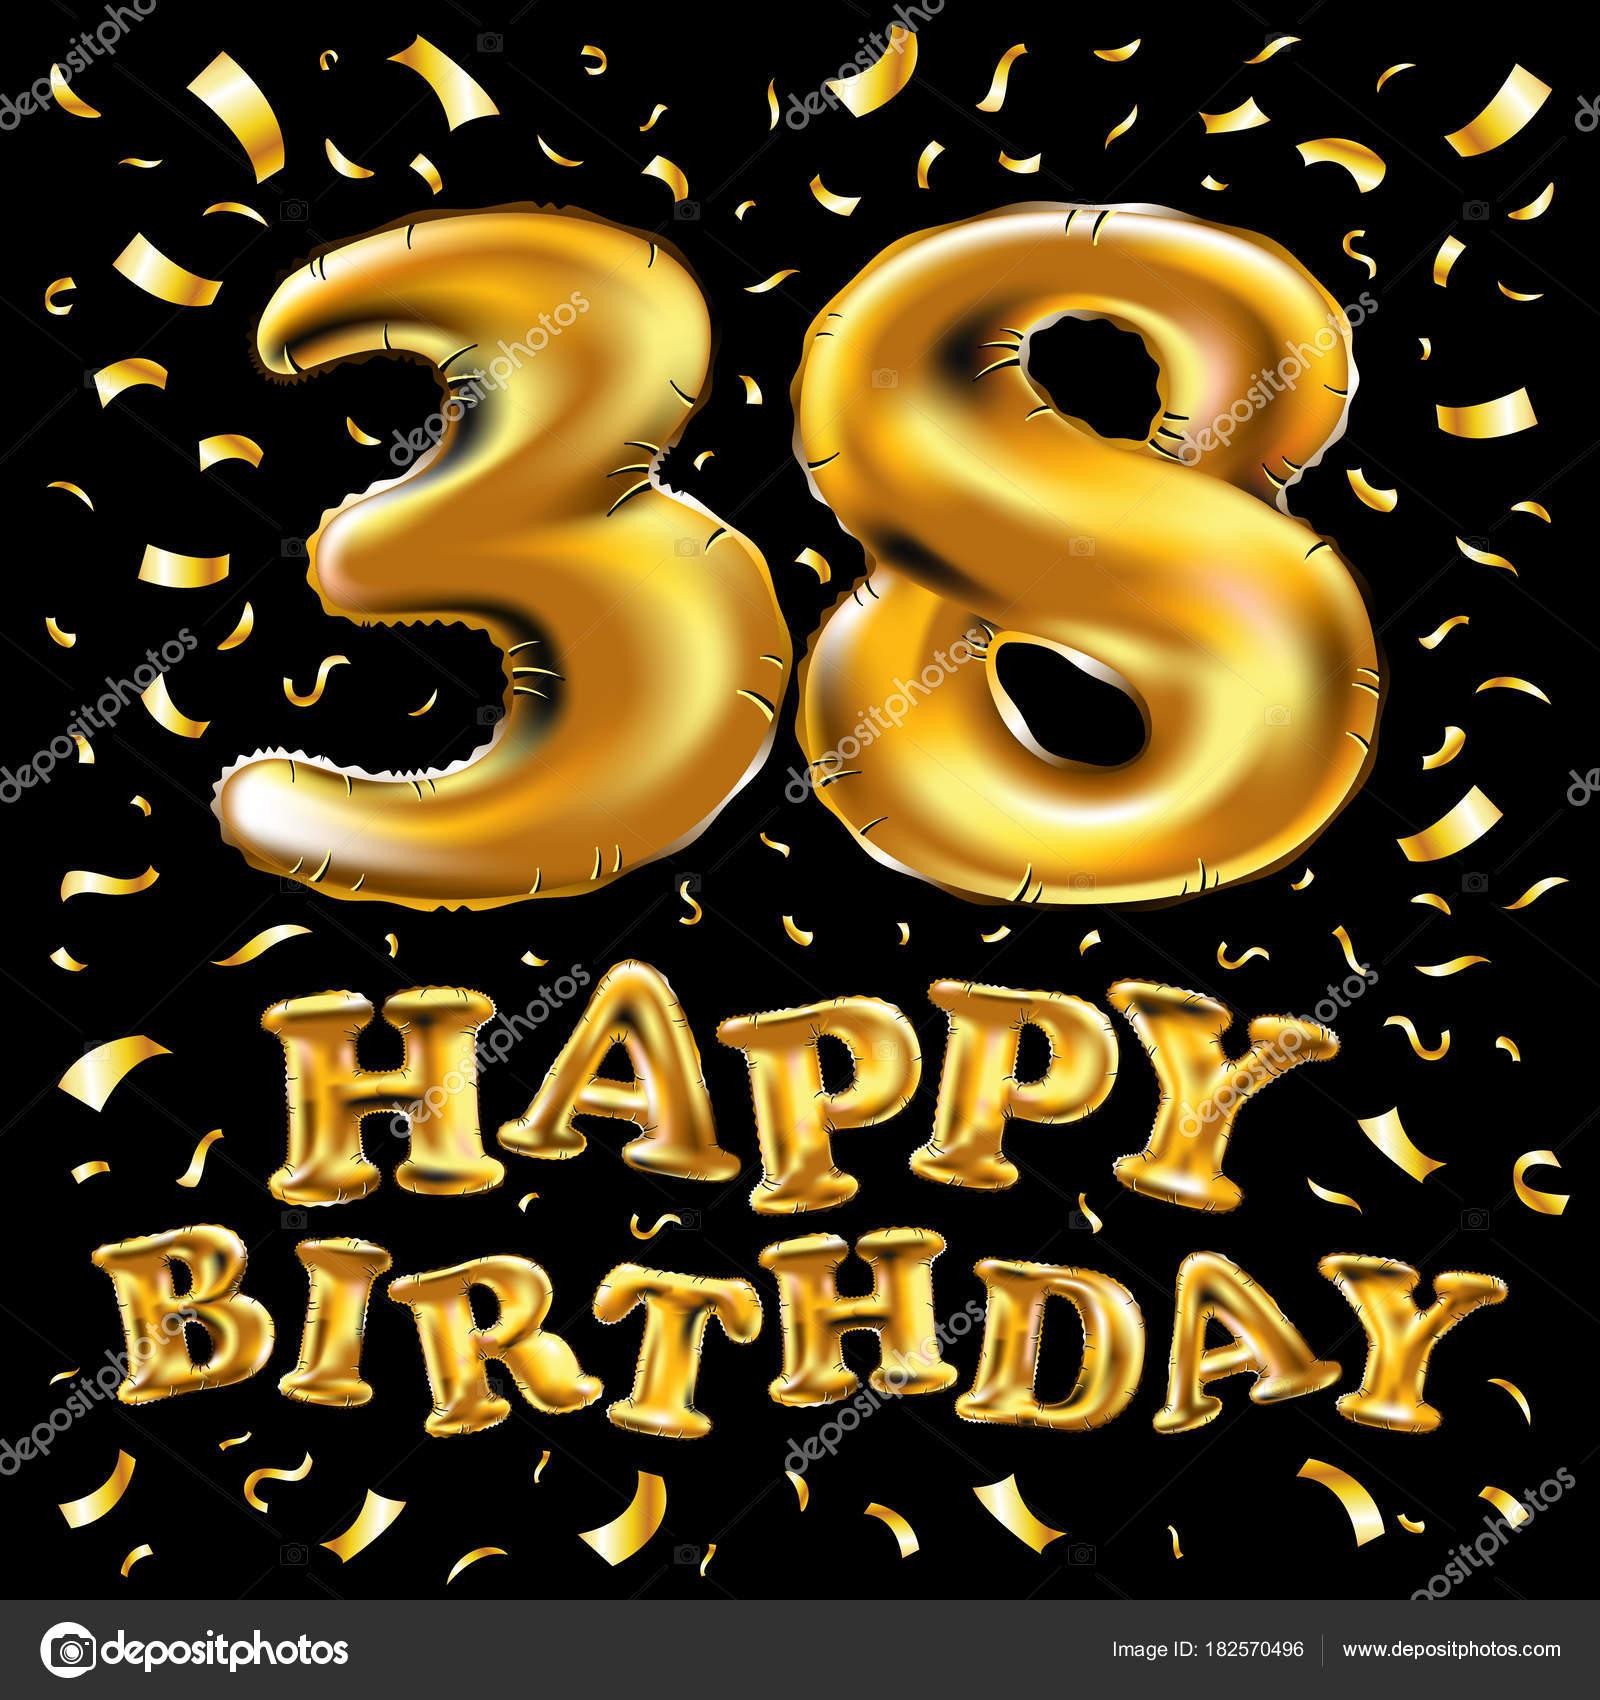 Прикольные поздравления с днем рождения для мужчины 38 лет